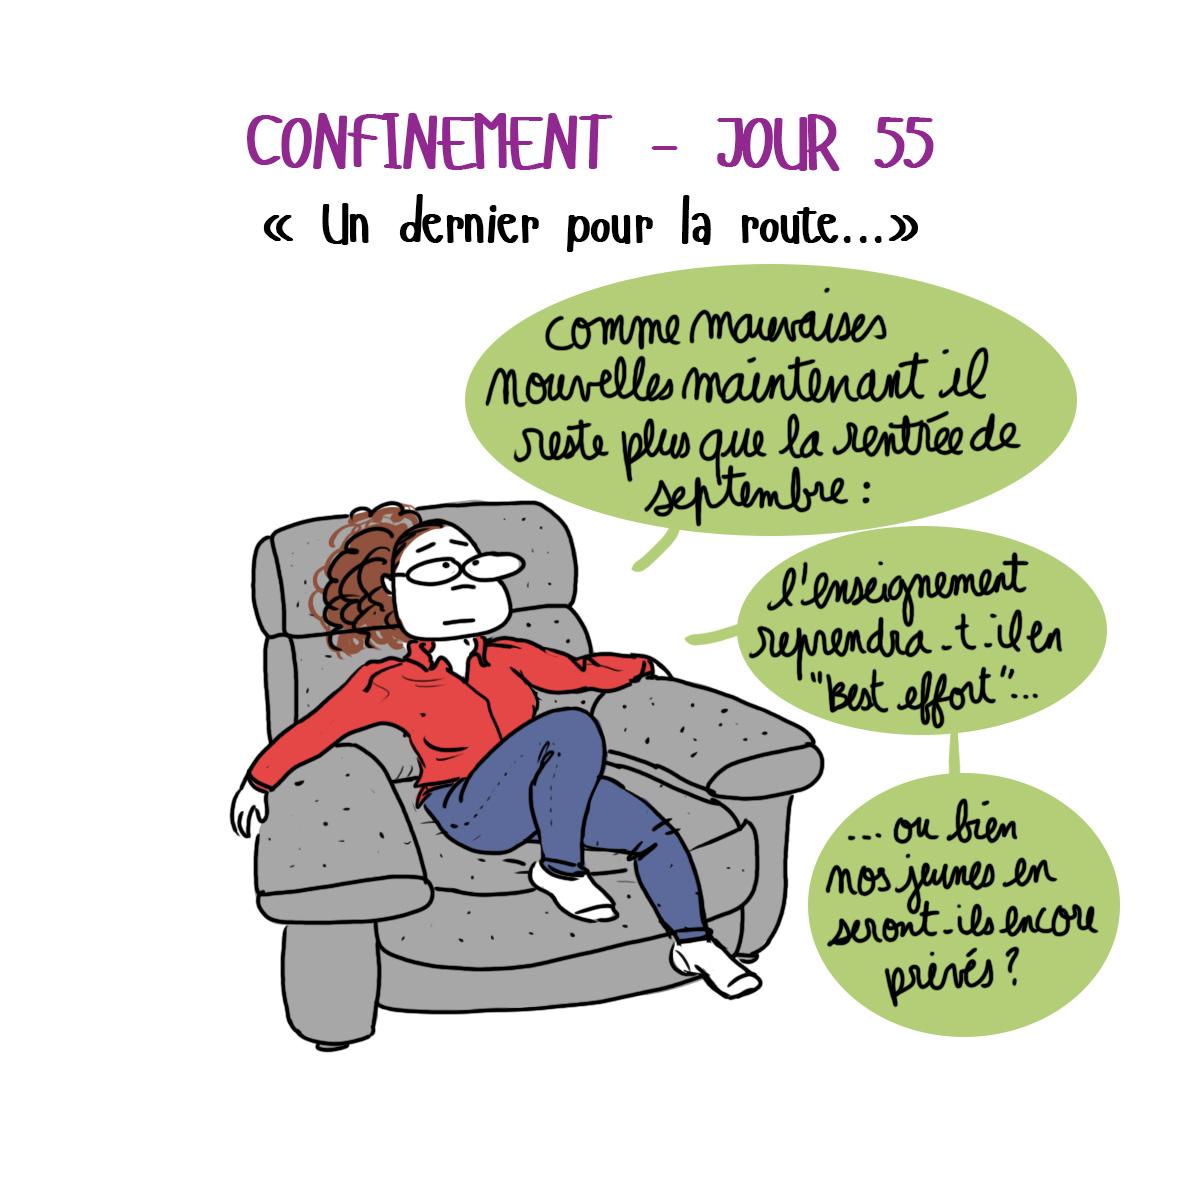 Journal de confinement - jour 55- 3